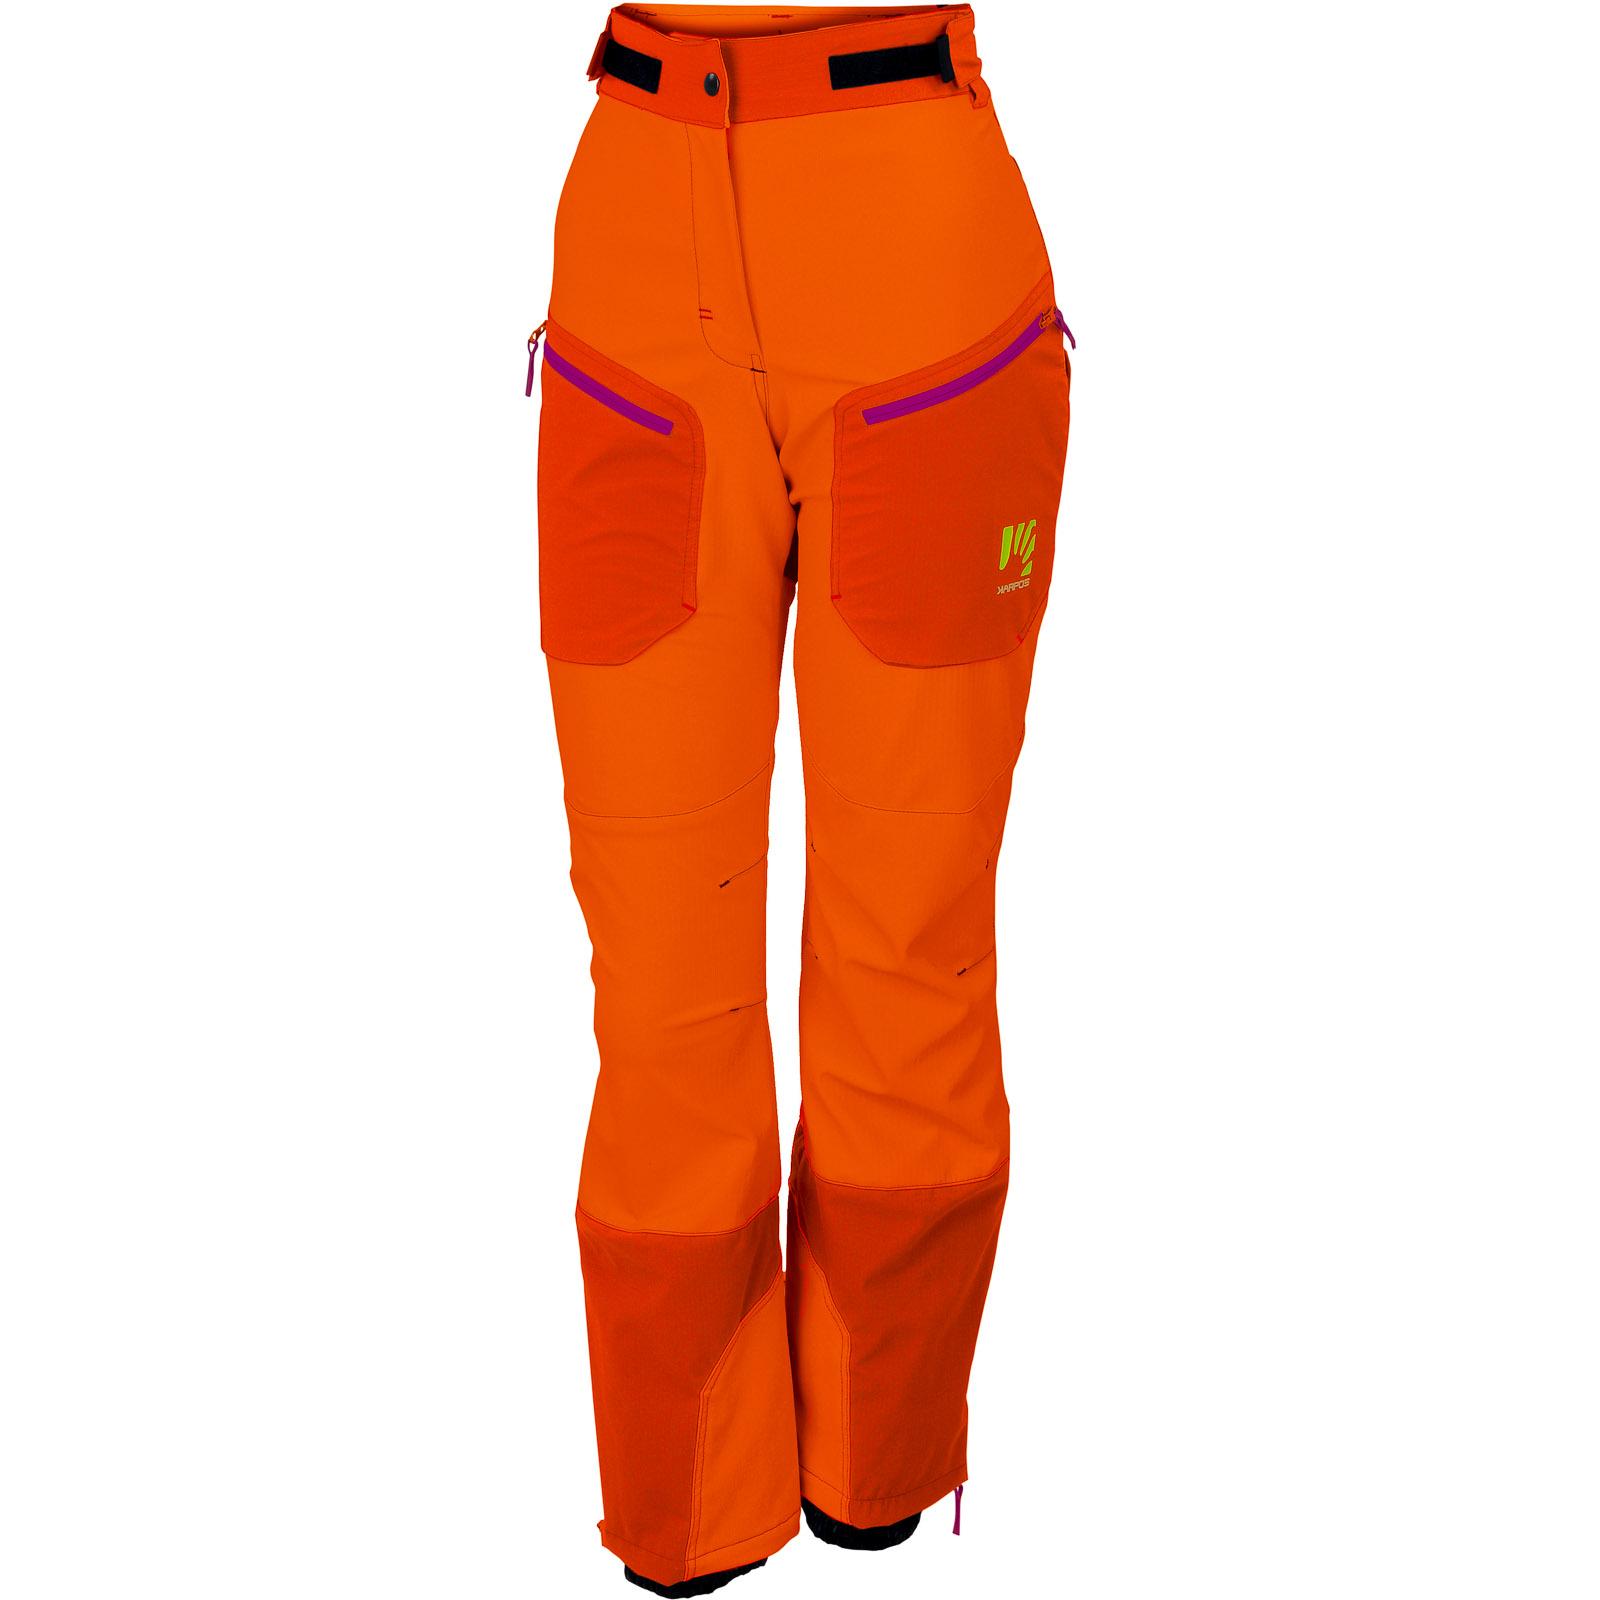 1f53203f6905 Karpos Mountain dámske nohavice červeno-oranžové